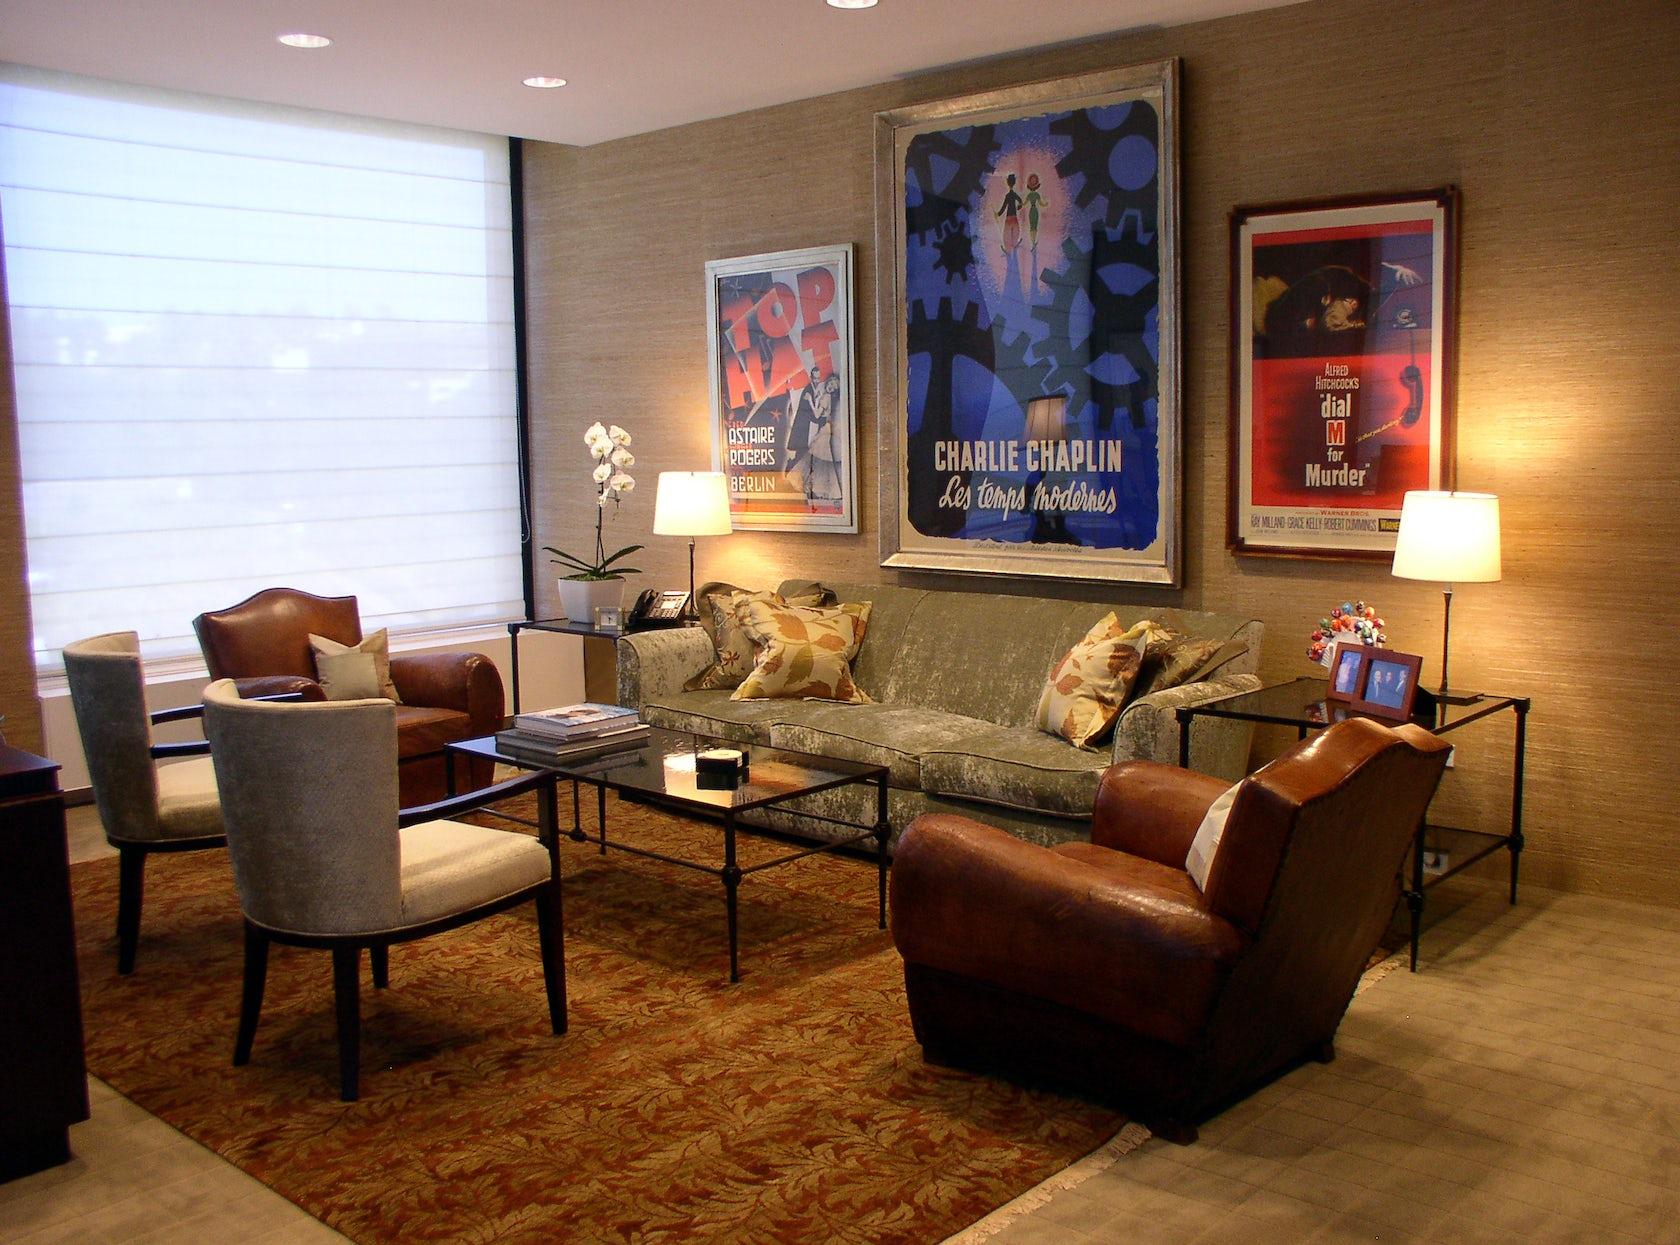 Michael armani design studio architizer for Interior design recruitment agency new york